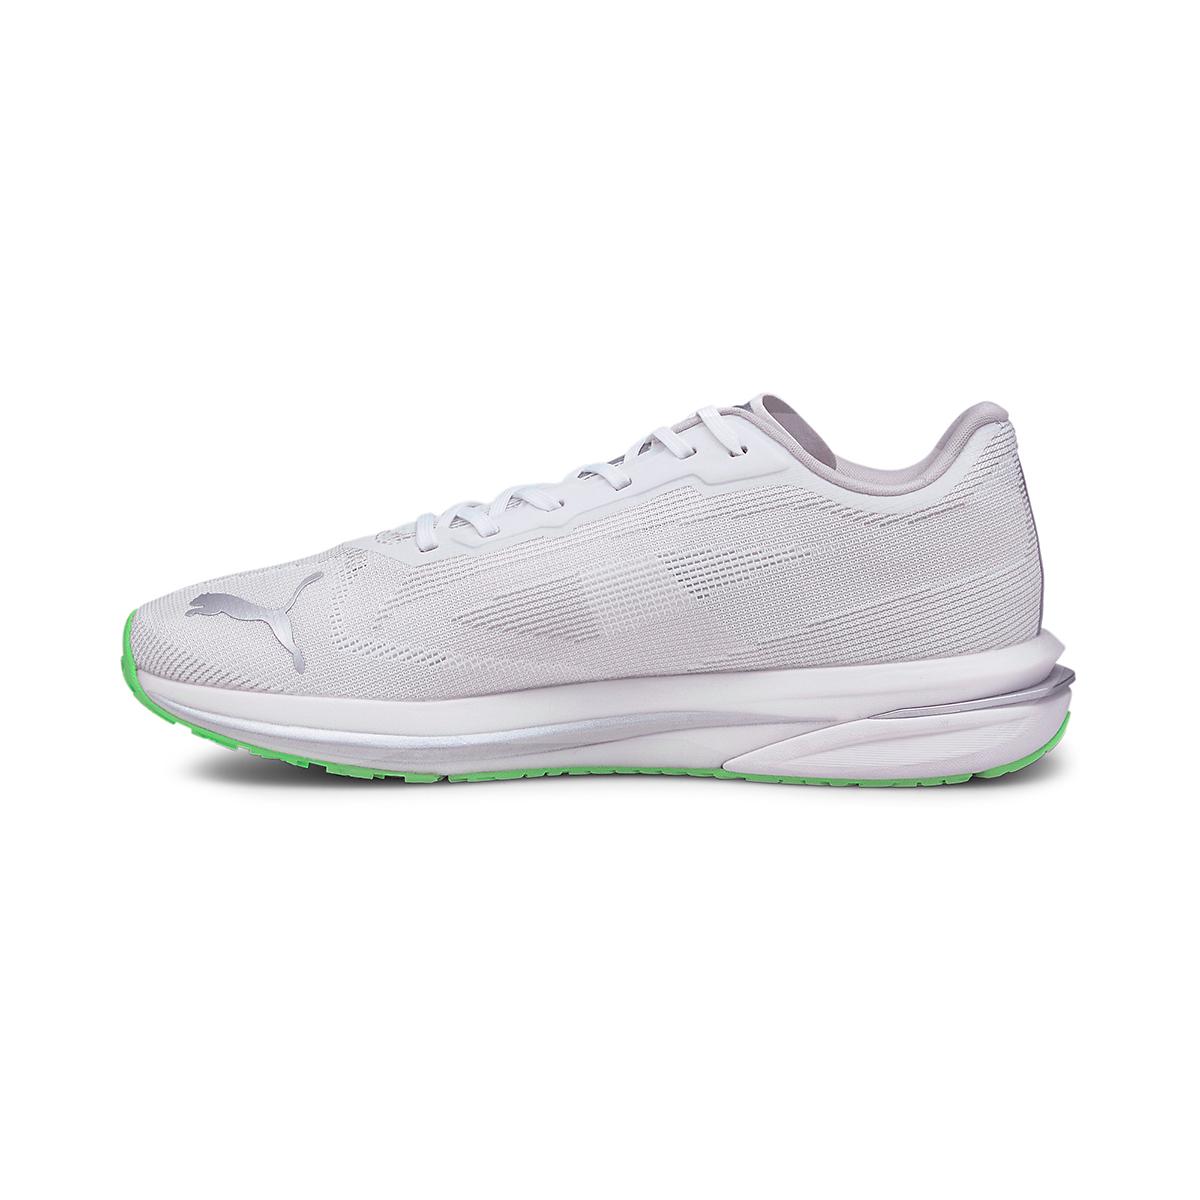 Men's Puma Velocity Nitro COOLadapt Running Shoe - Color: Puma White - Size: 7 - Width: Regular, Puma White, large, image 2